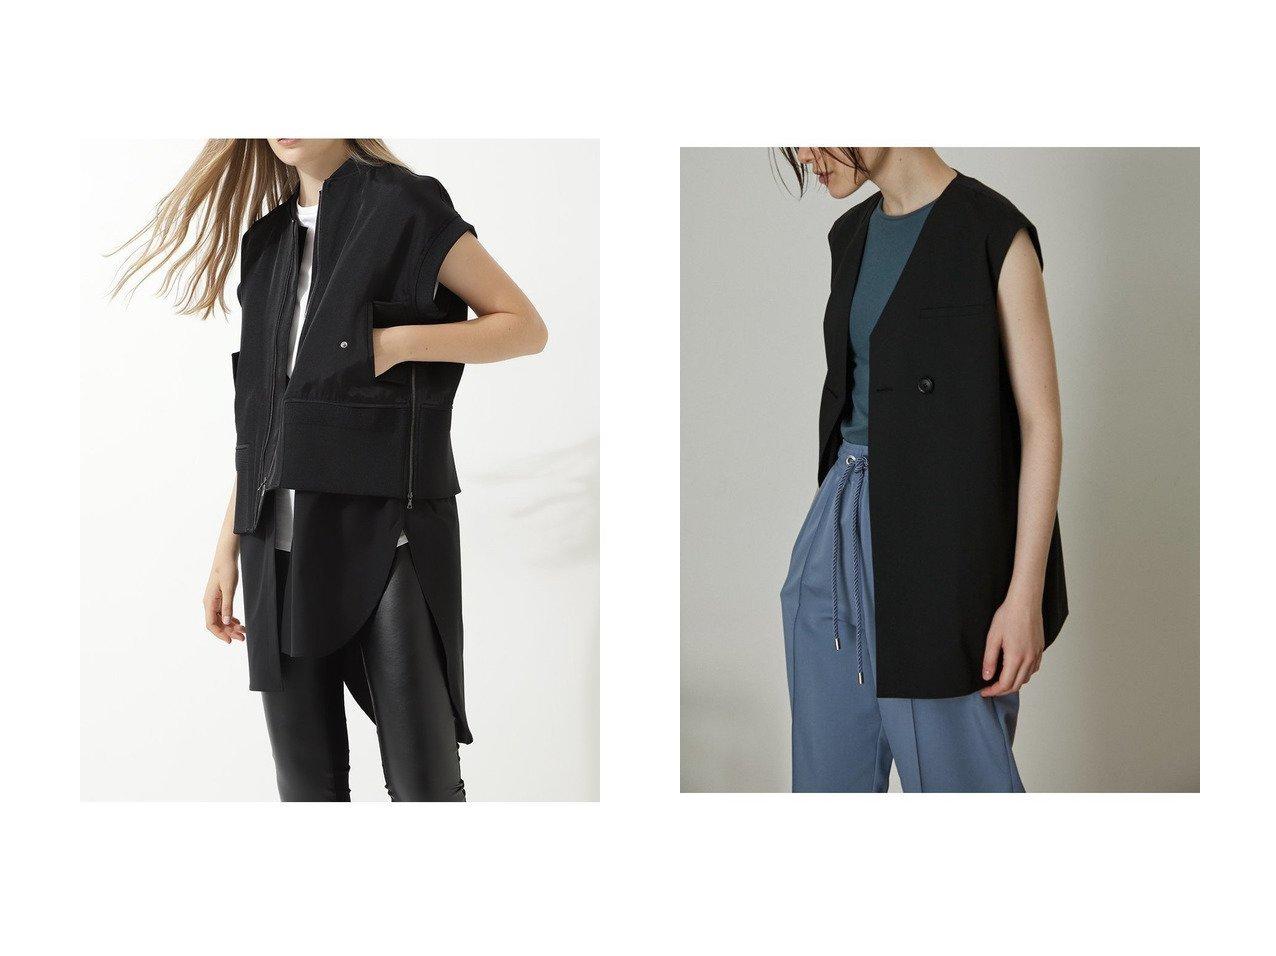 【LE PHIL/ル フィル】のノースリーブボンバージャケット&【RIM.ARK/リムアーク】のジレ 【アウター】おすすめ!人気、トレンド・レディースファッションの通販 おすすめで人気の流行・トレンド、ファッションの通販商品 インテリア・家具・メンズファッション・キッズファッション・レディースファッション・服の通販 founy(ファニー) https://founy.com/ ファッション Fashion レディースファッション WOMEN アウター Coat Outerwear ジャケット Jackets アシンメトリー ジャケット ベスト ボックス メランジ 2020年 2020 2020-2021秋冬・A/W AW・Autumn/Winter・FW・Fall-Winter/2020-2021 2021年 2021 2021-2022秋冬・A/W AW・Autumn/Winter・FW・Fall-Winter・2021-2022 A/W・秋冬 AW・Autumn/Winter・FW・Fall-Winter インナー サテン シルク シンプル ノースリーブ ブライト |ID:crp329100000060278